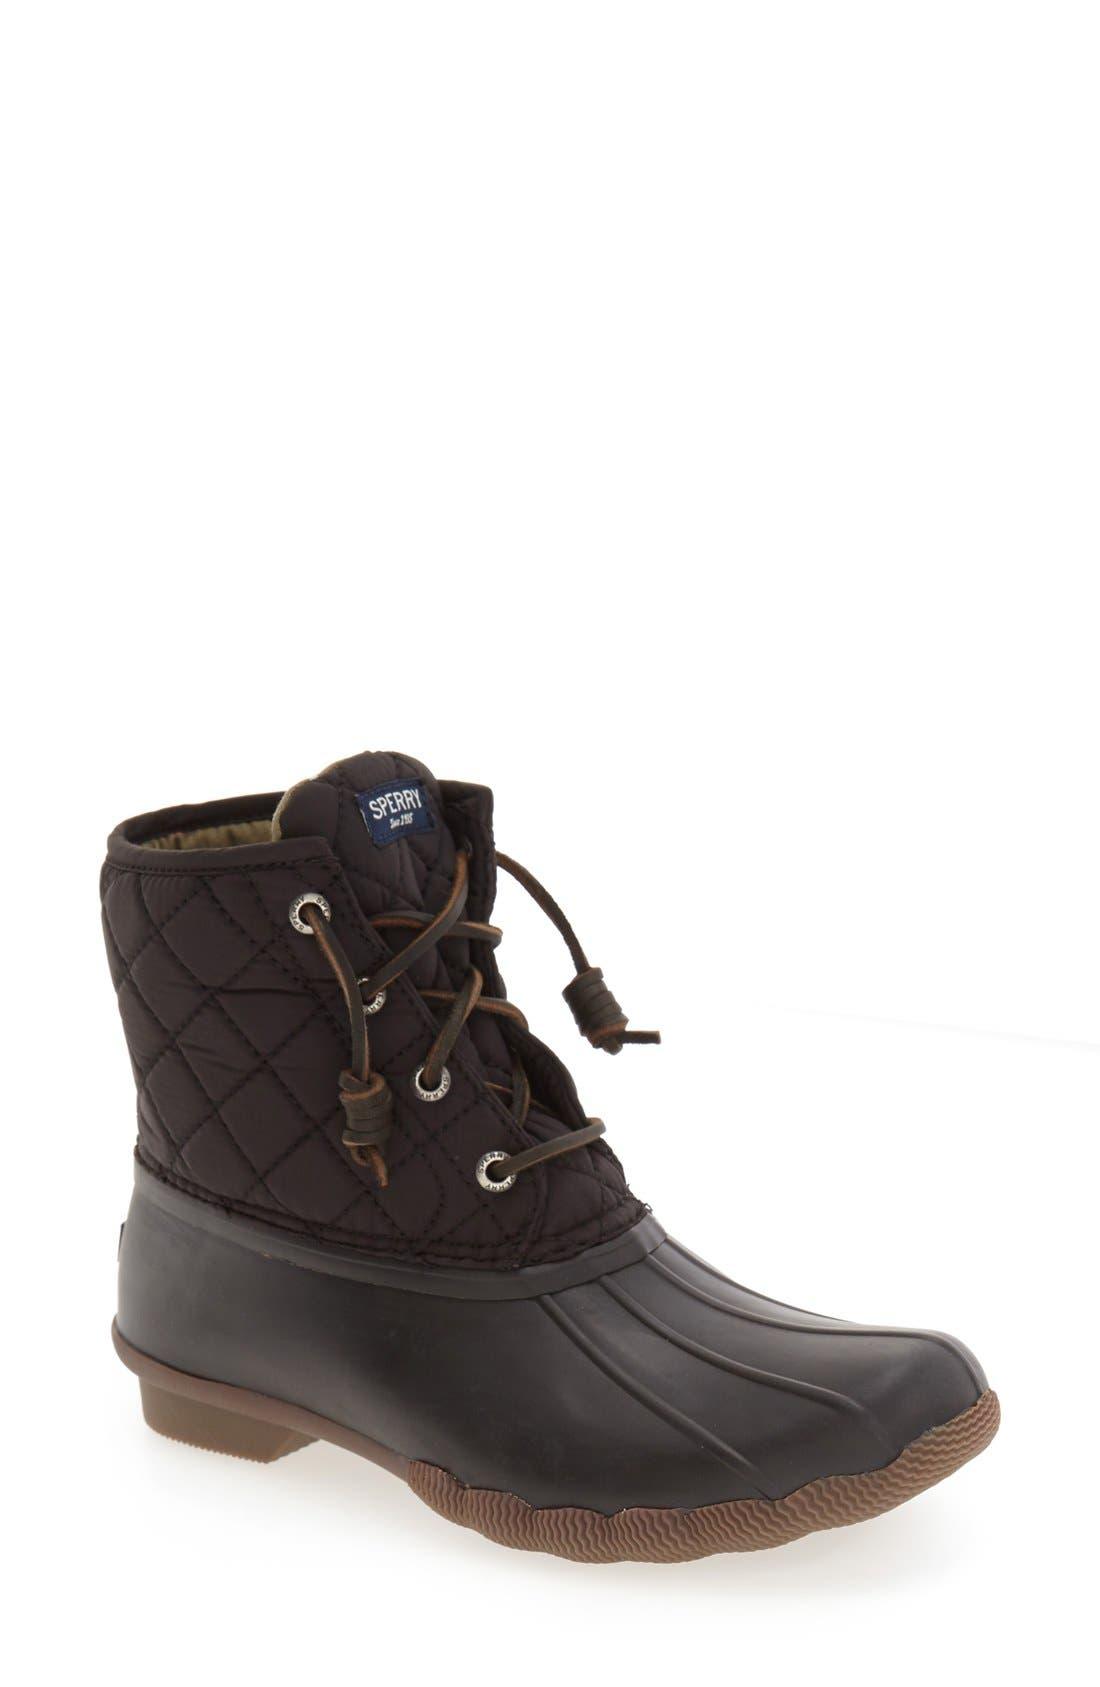 Women's Sperry Boots | Nordstrom